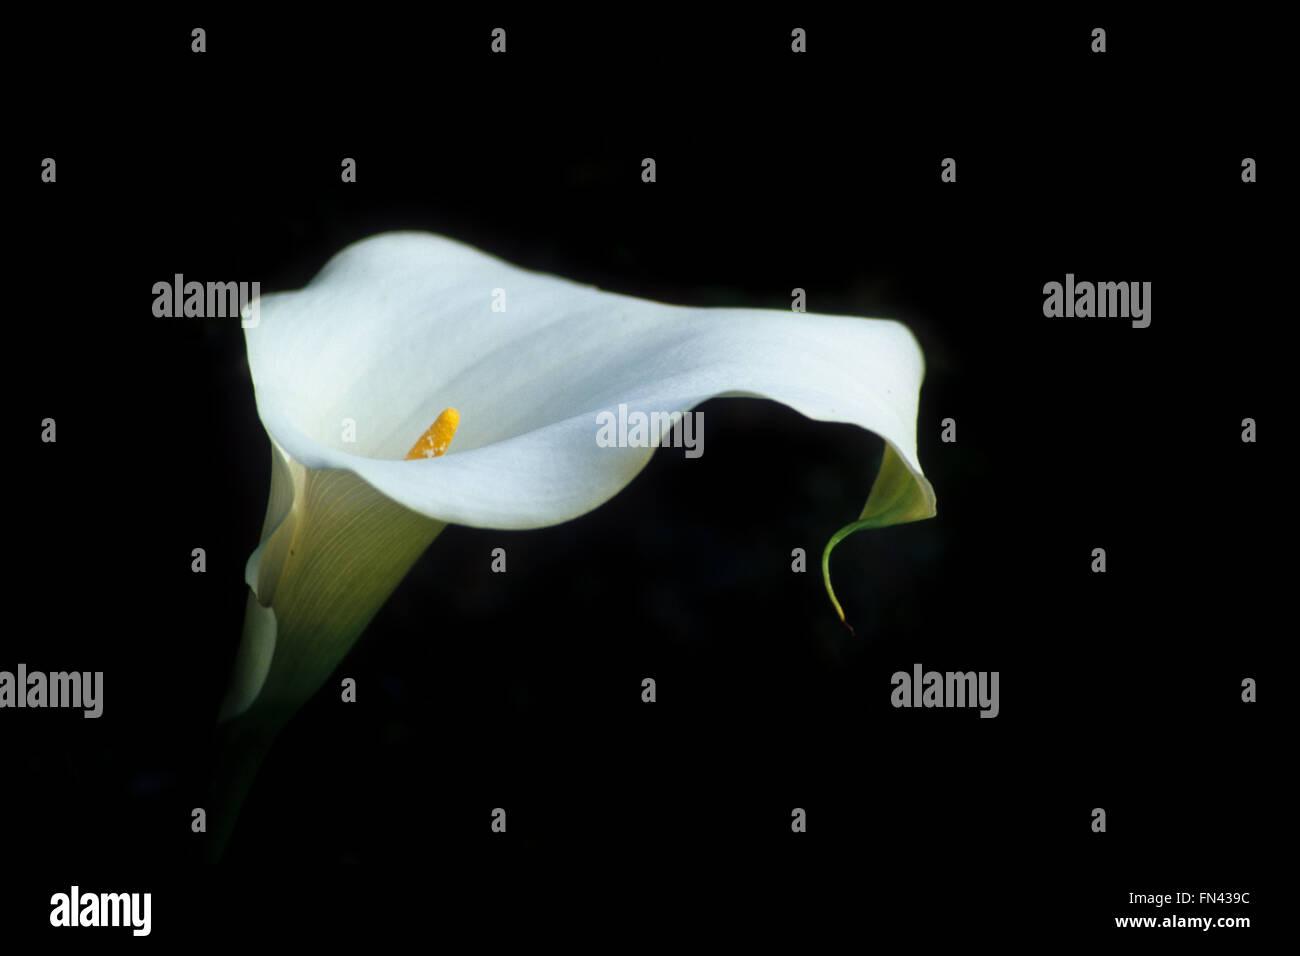 Einzelne weiße Lilie Arum Lilie (Zantedeschia Aethiopica) Blume Stockfoto